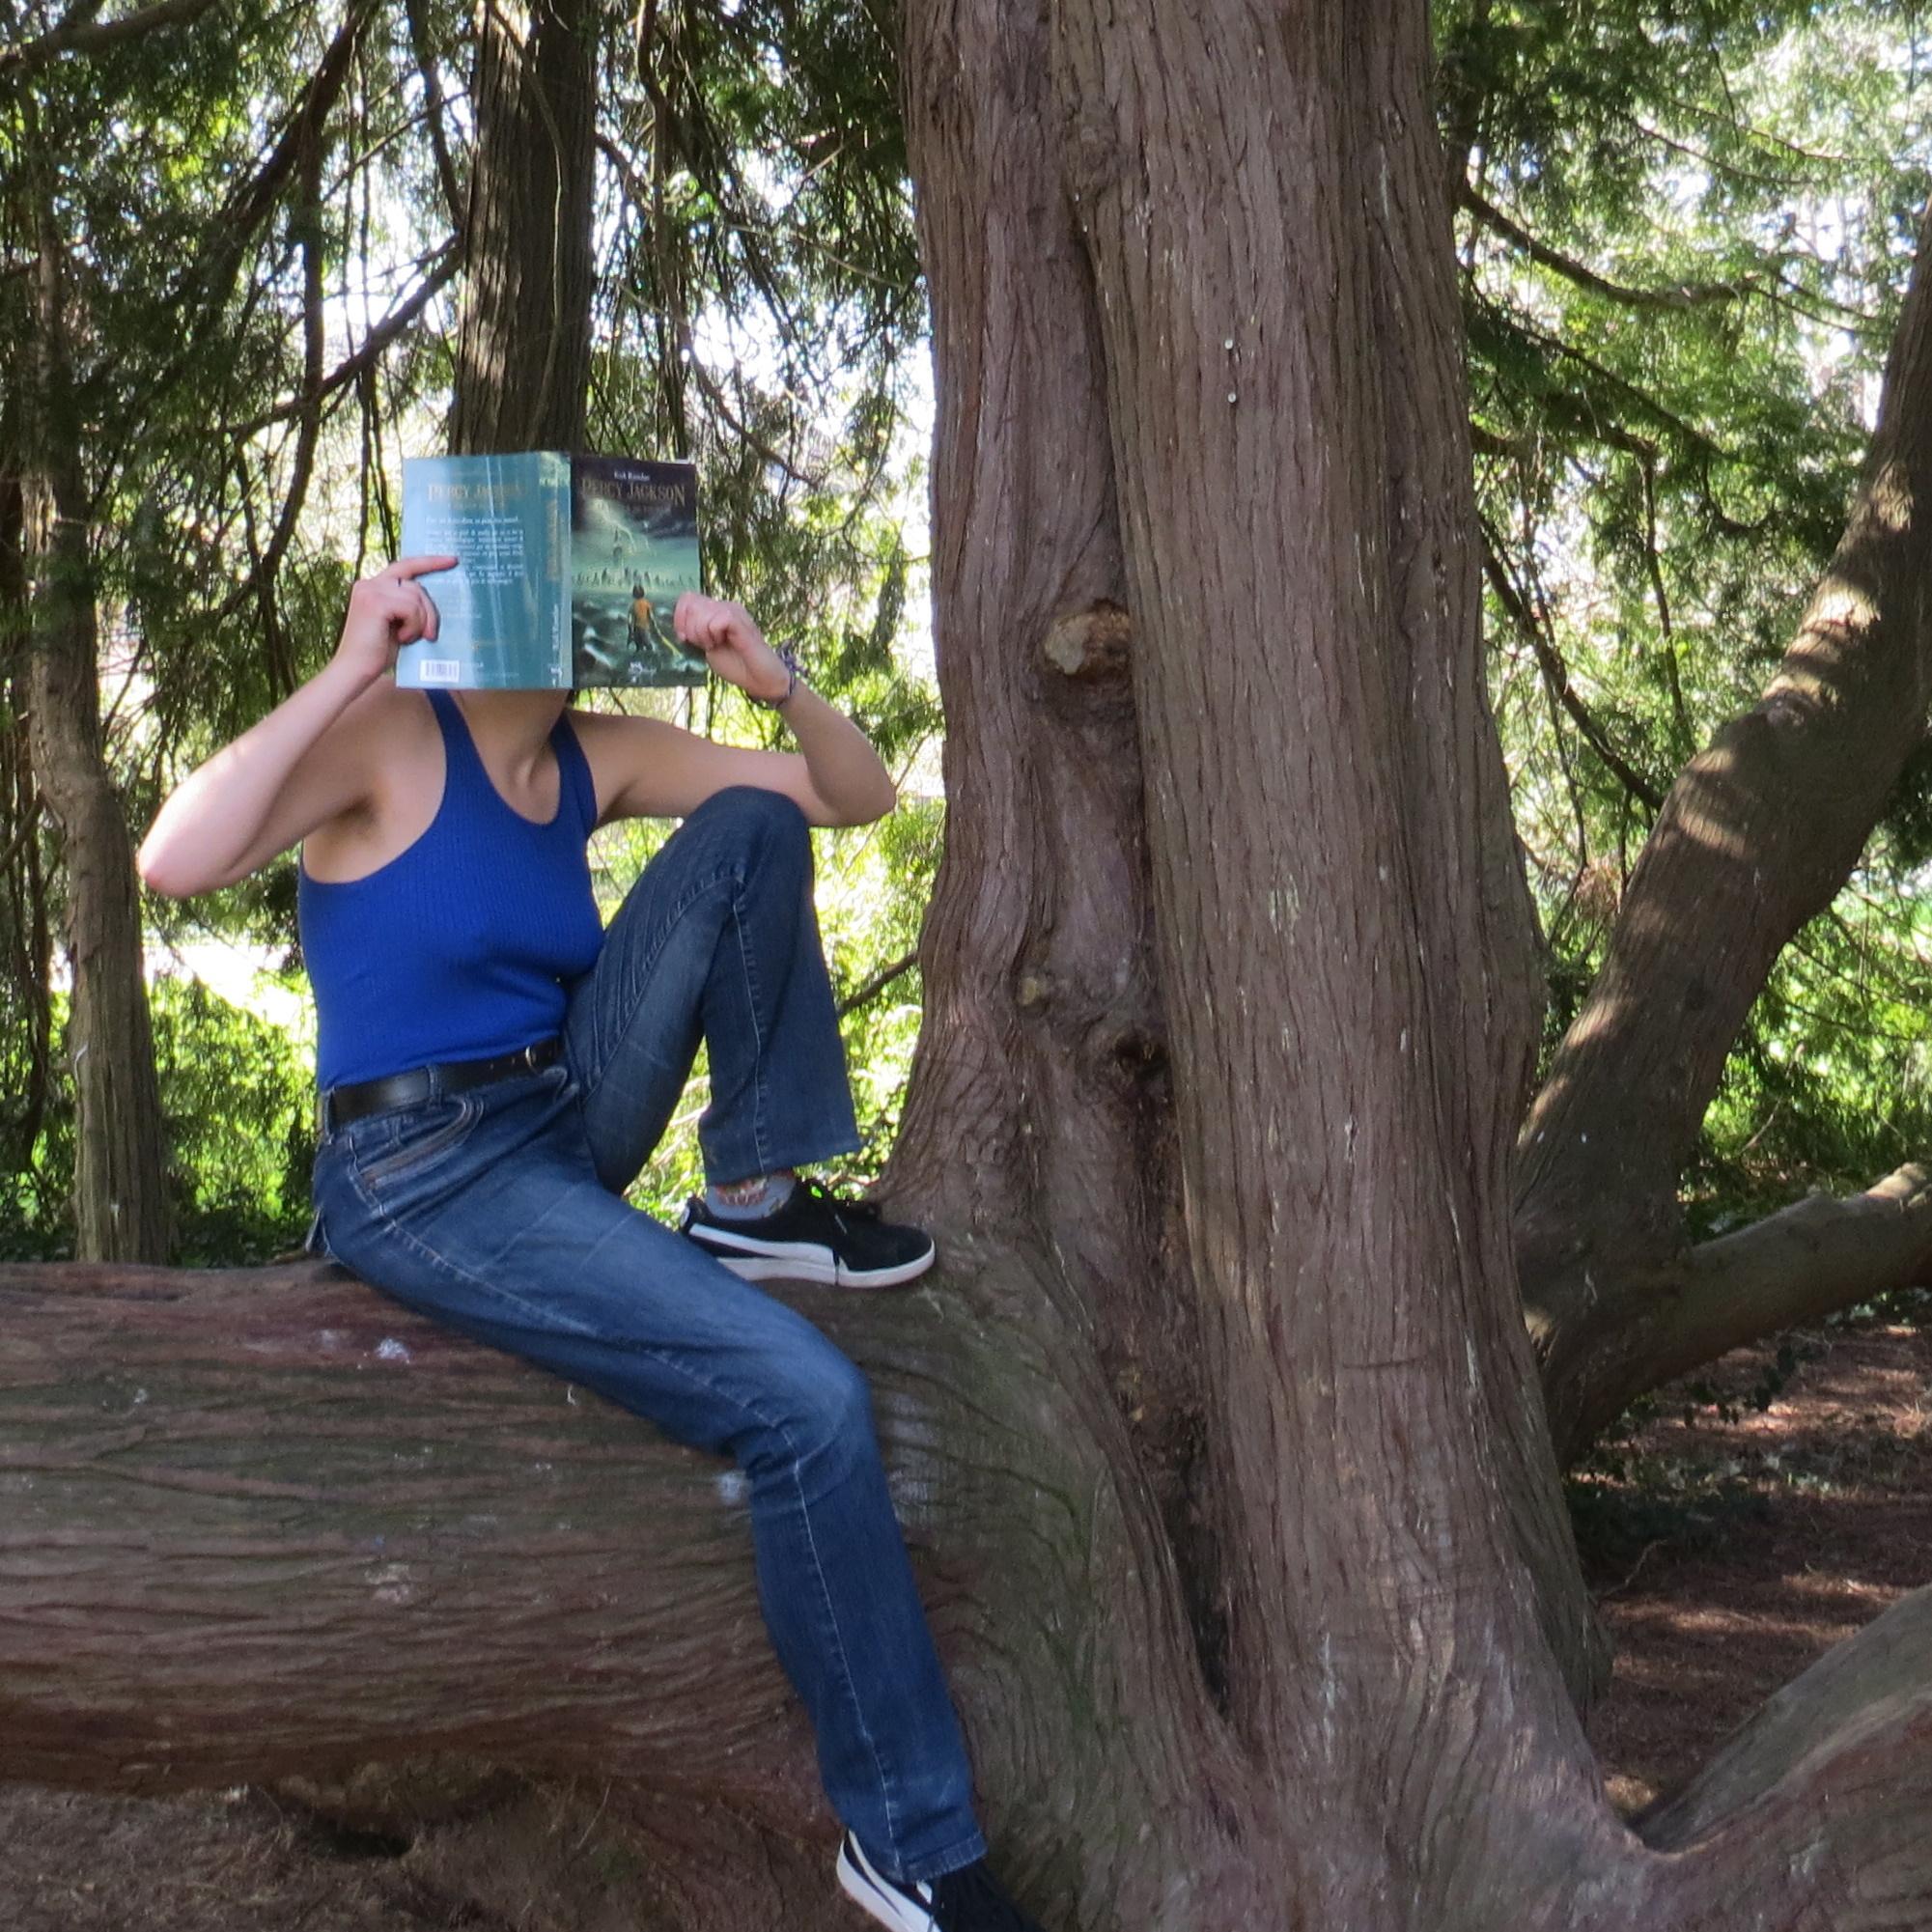 personne en bleu lisant Percy Jackson tome 1 de Rick Riordan dans un arbre aux nombreuses branches